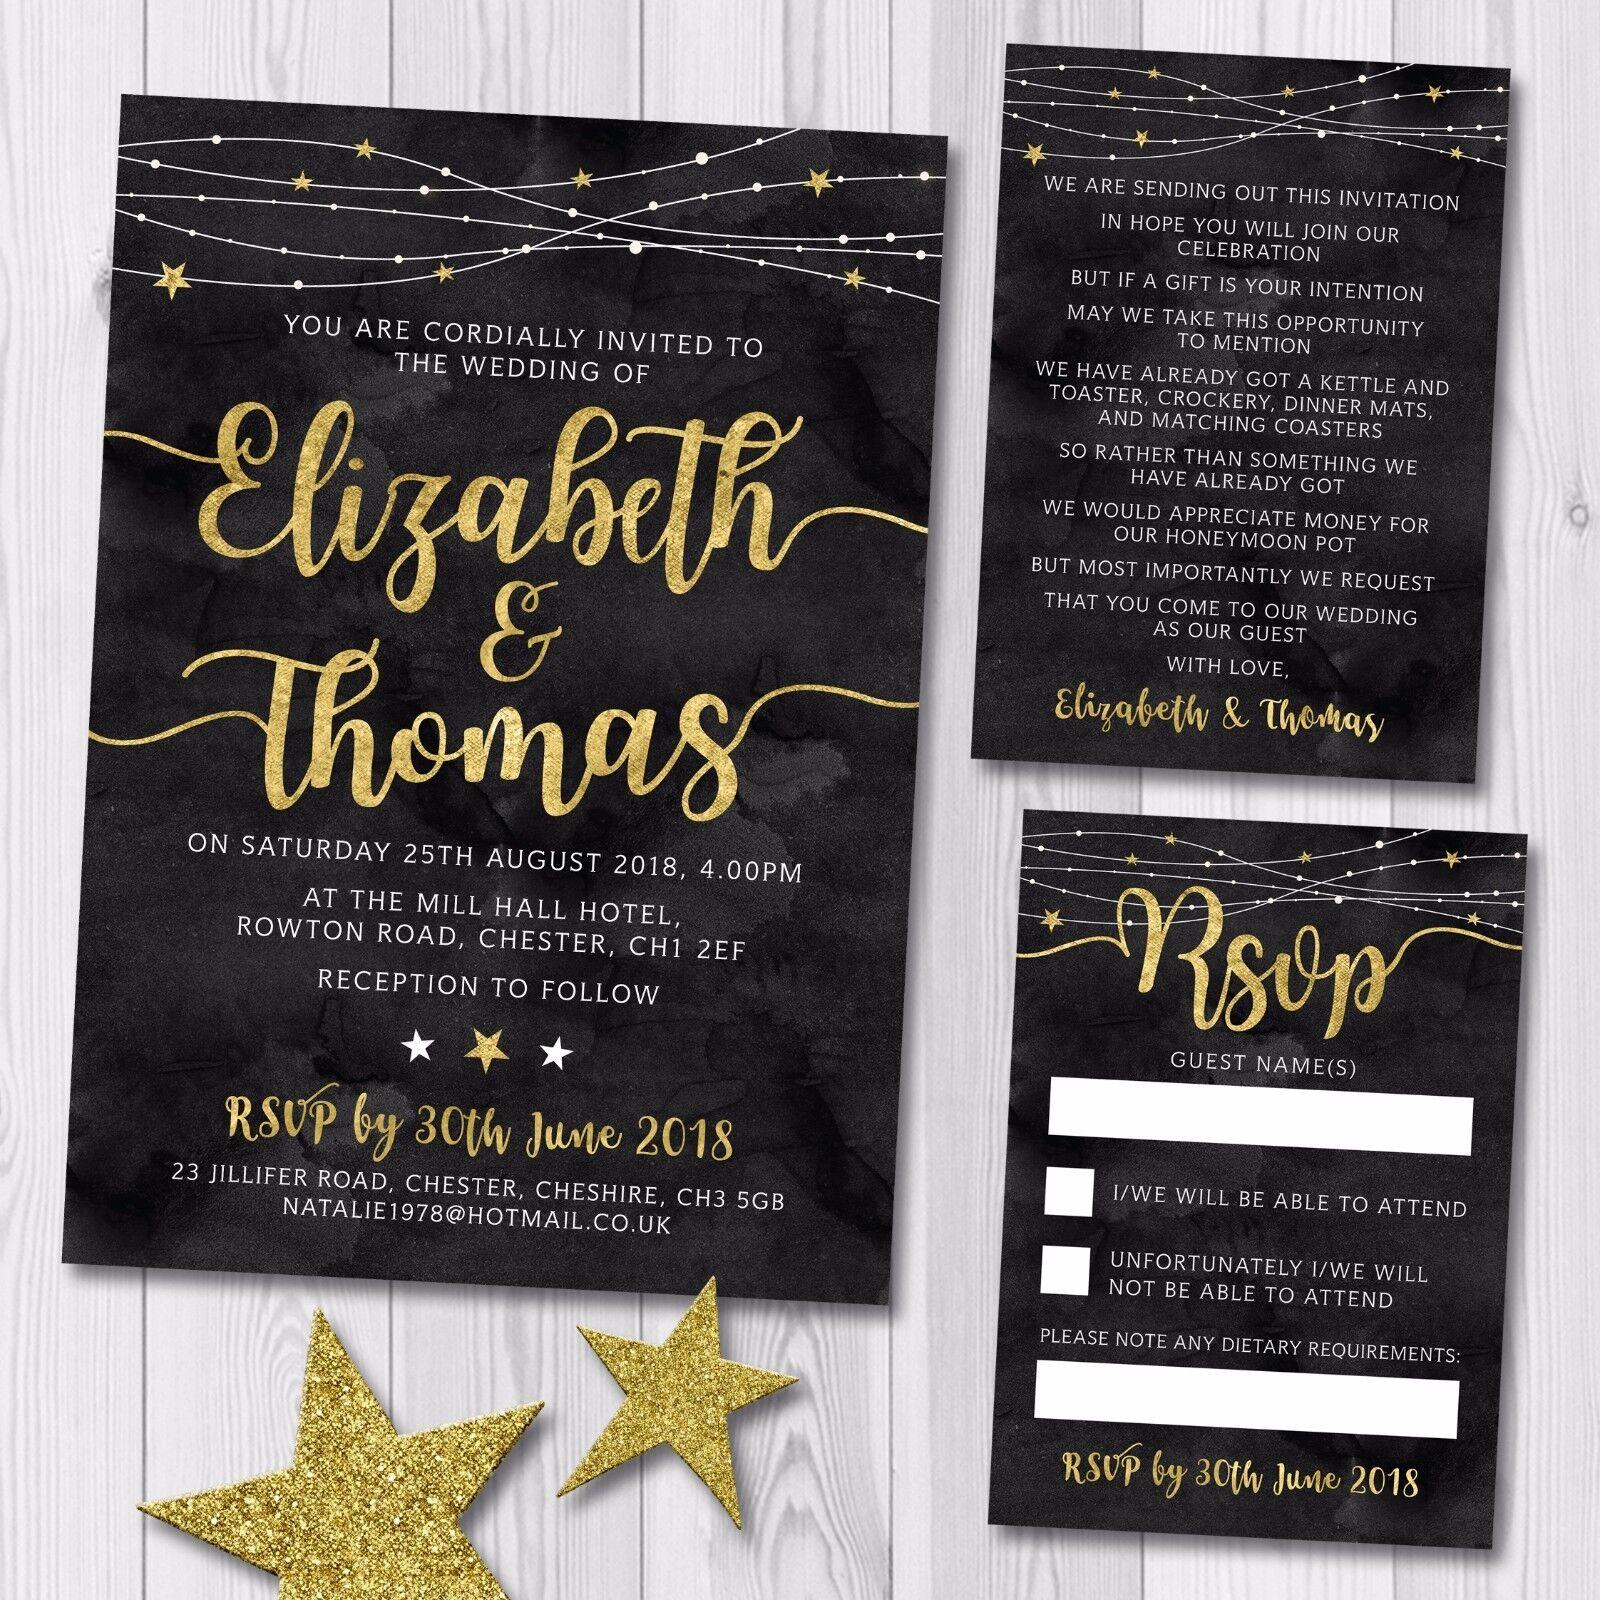 Details About Evening Wedding Invitation Set Rsvp Card Gift Poem Black Gold Winter Stars